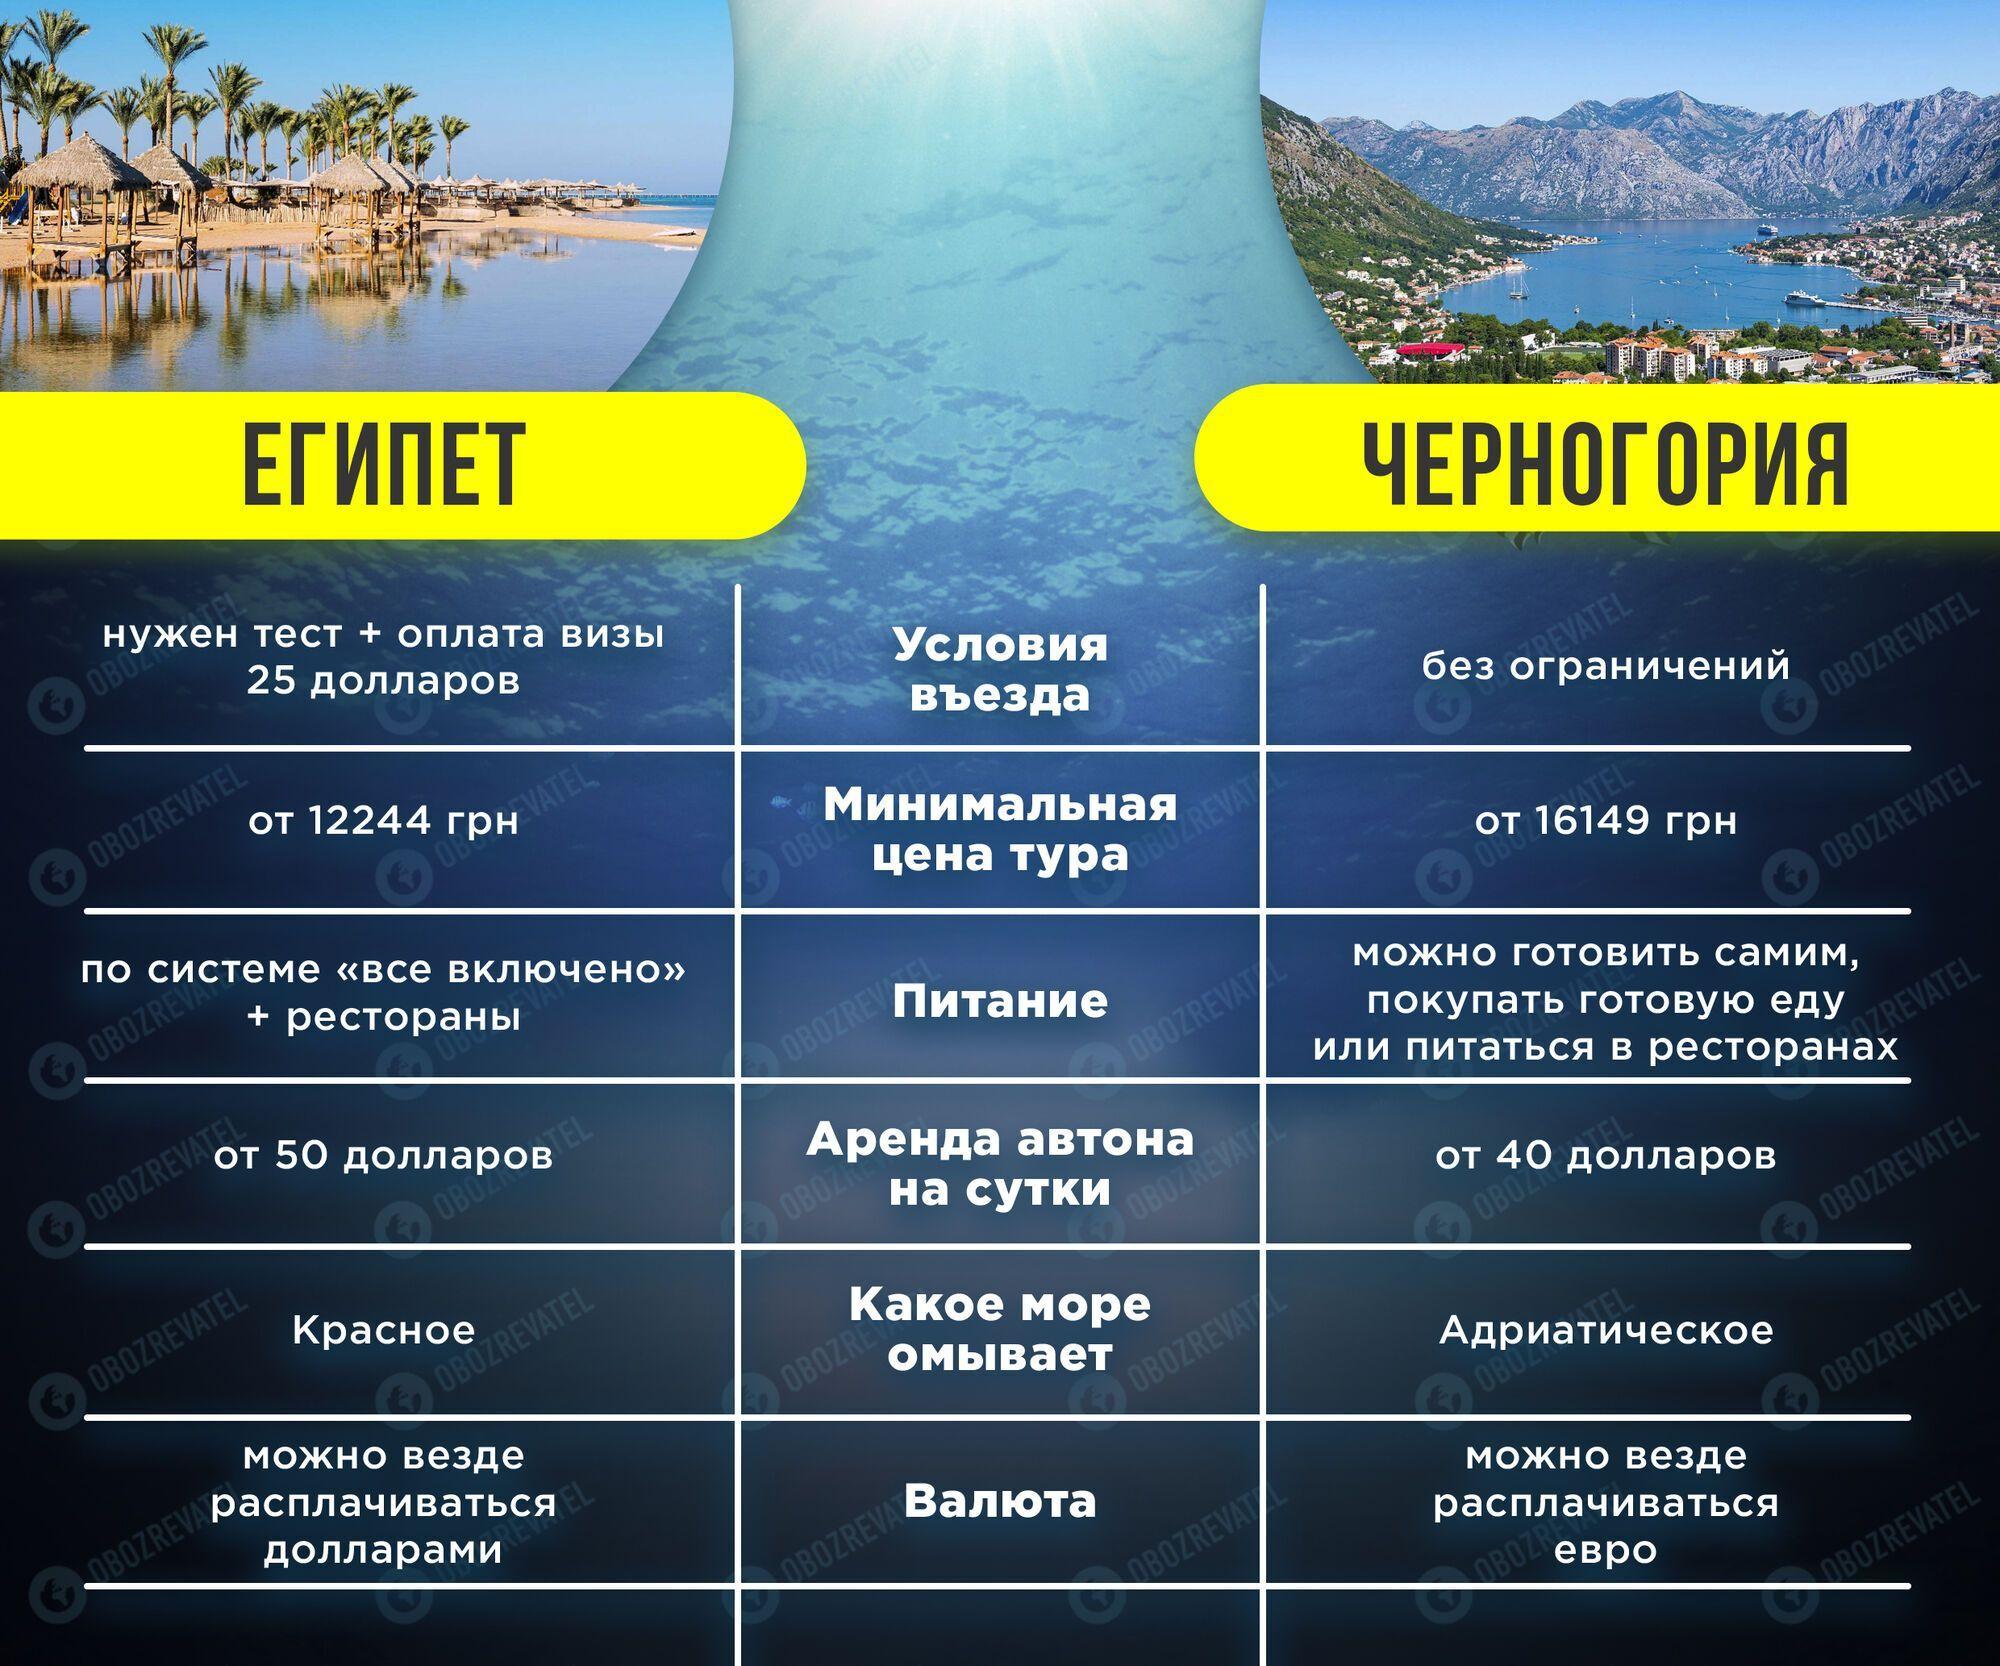 Египет или Черногория: куда лучше поехать, сравнение цен и достопримечательностей. Фото и видео